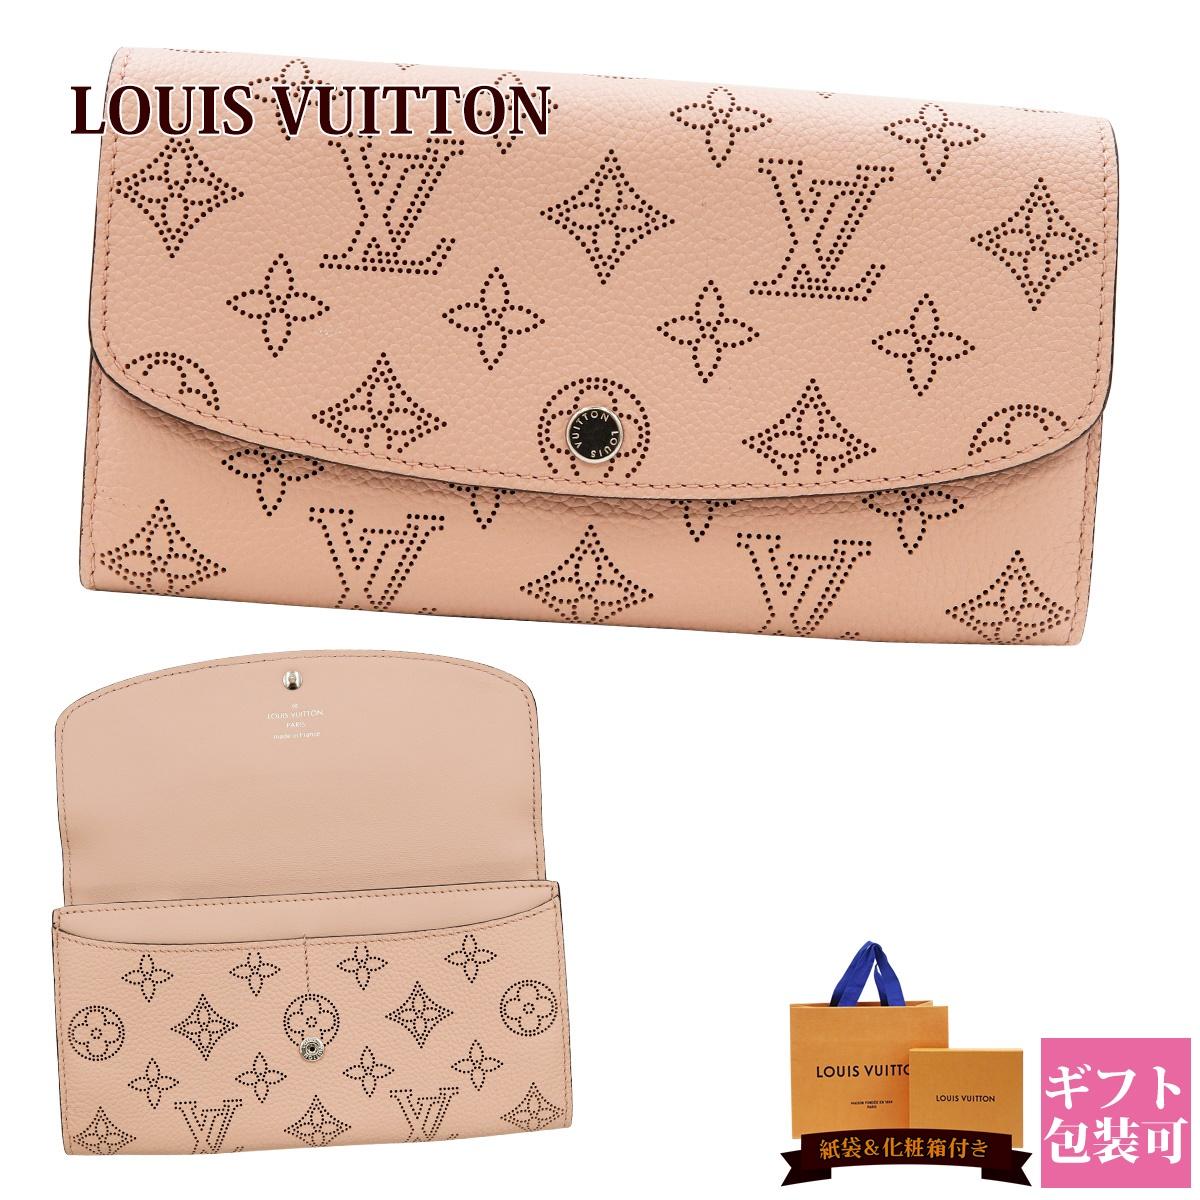 ルイヴィトン 財布 長財布 新品 レディース 二つ折り ポルトフォイユ・イリス 正規品 LOUISVUITTON M60145 ギフト 春財布